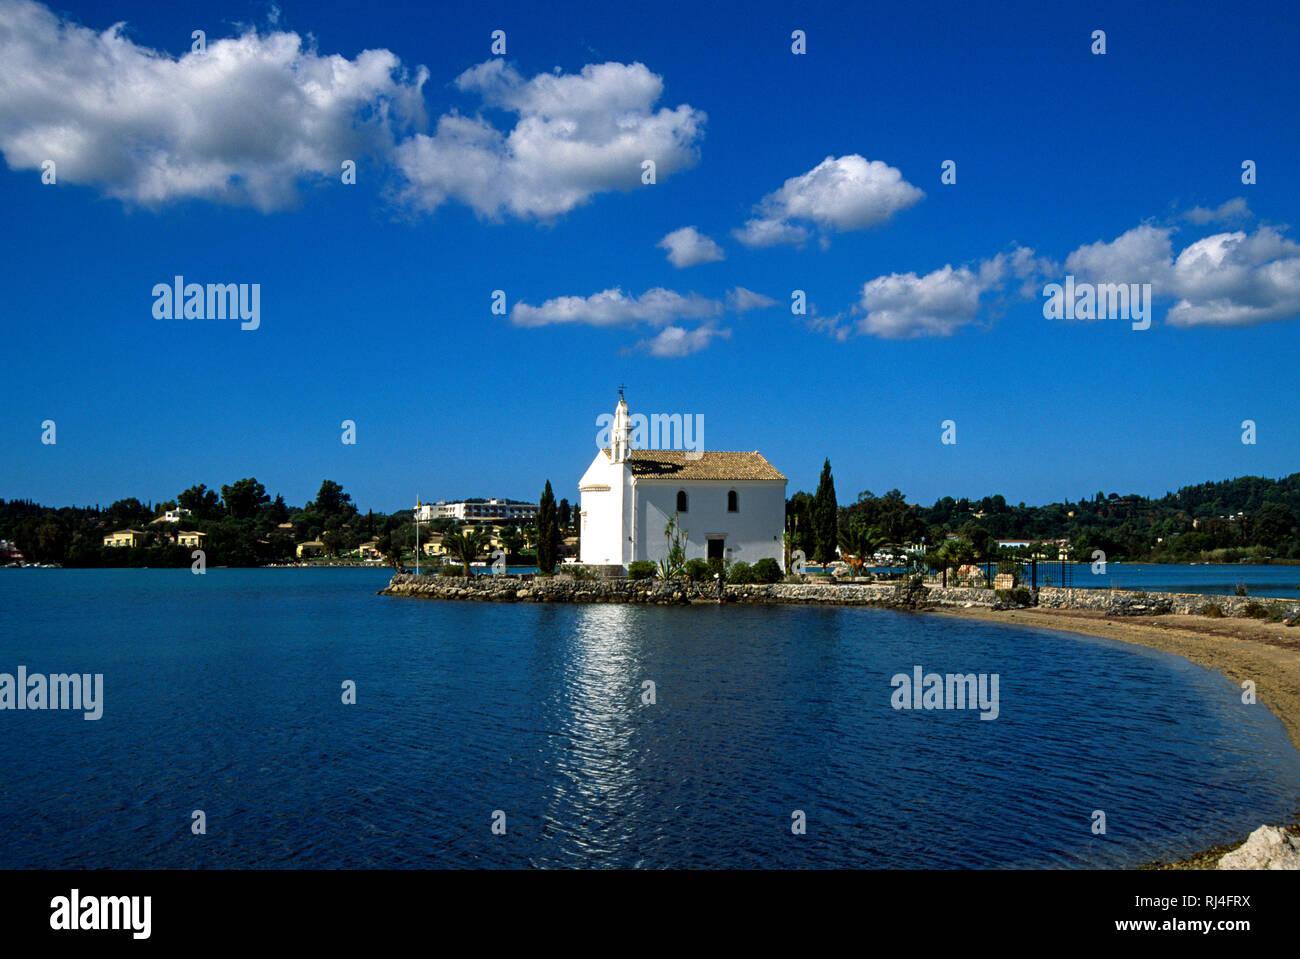 Insel Dafnila, Kirche 'Ipap?nti' Stock Photo